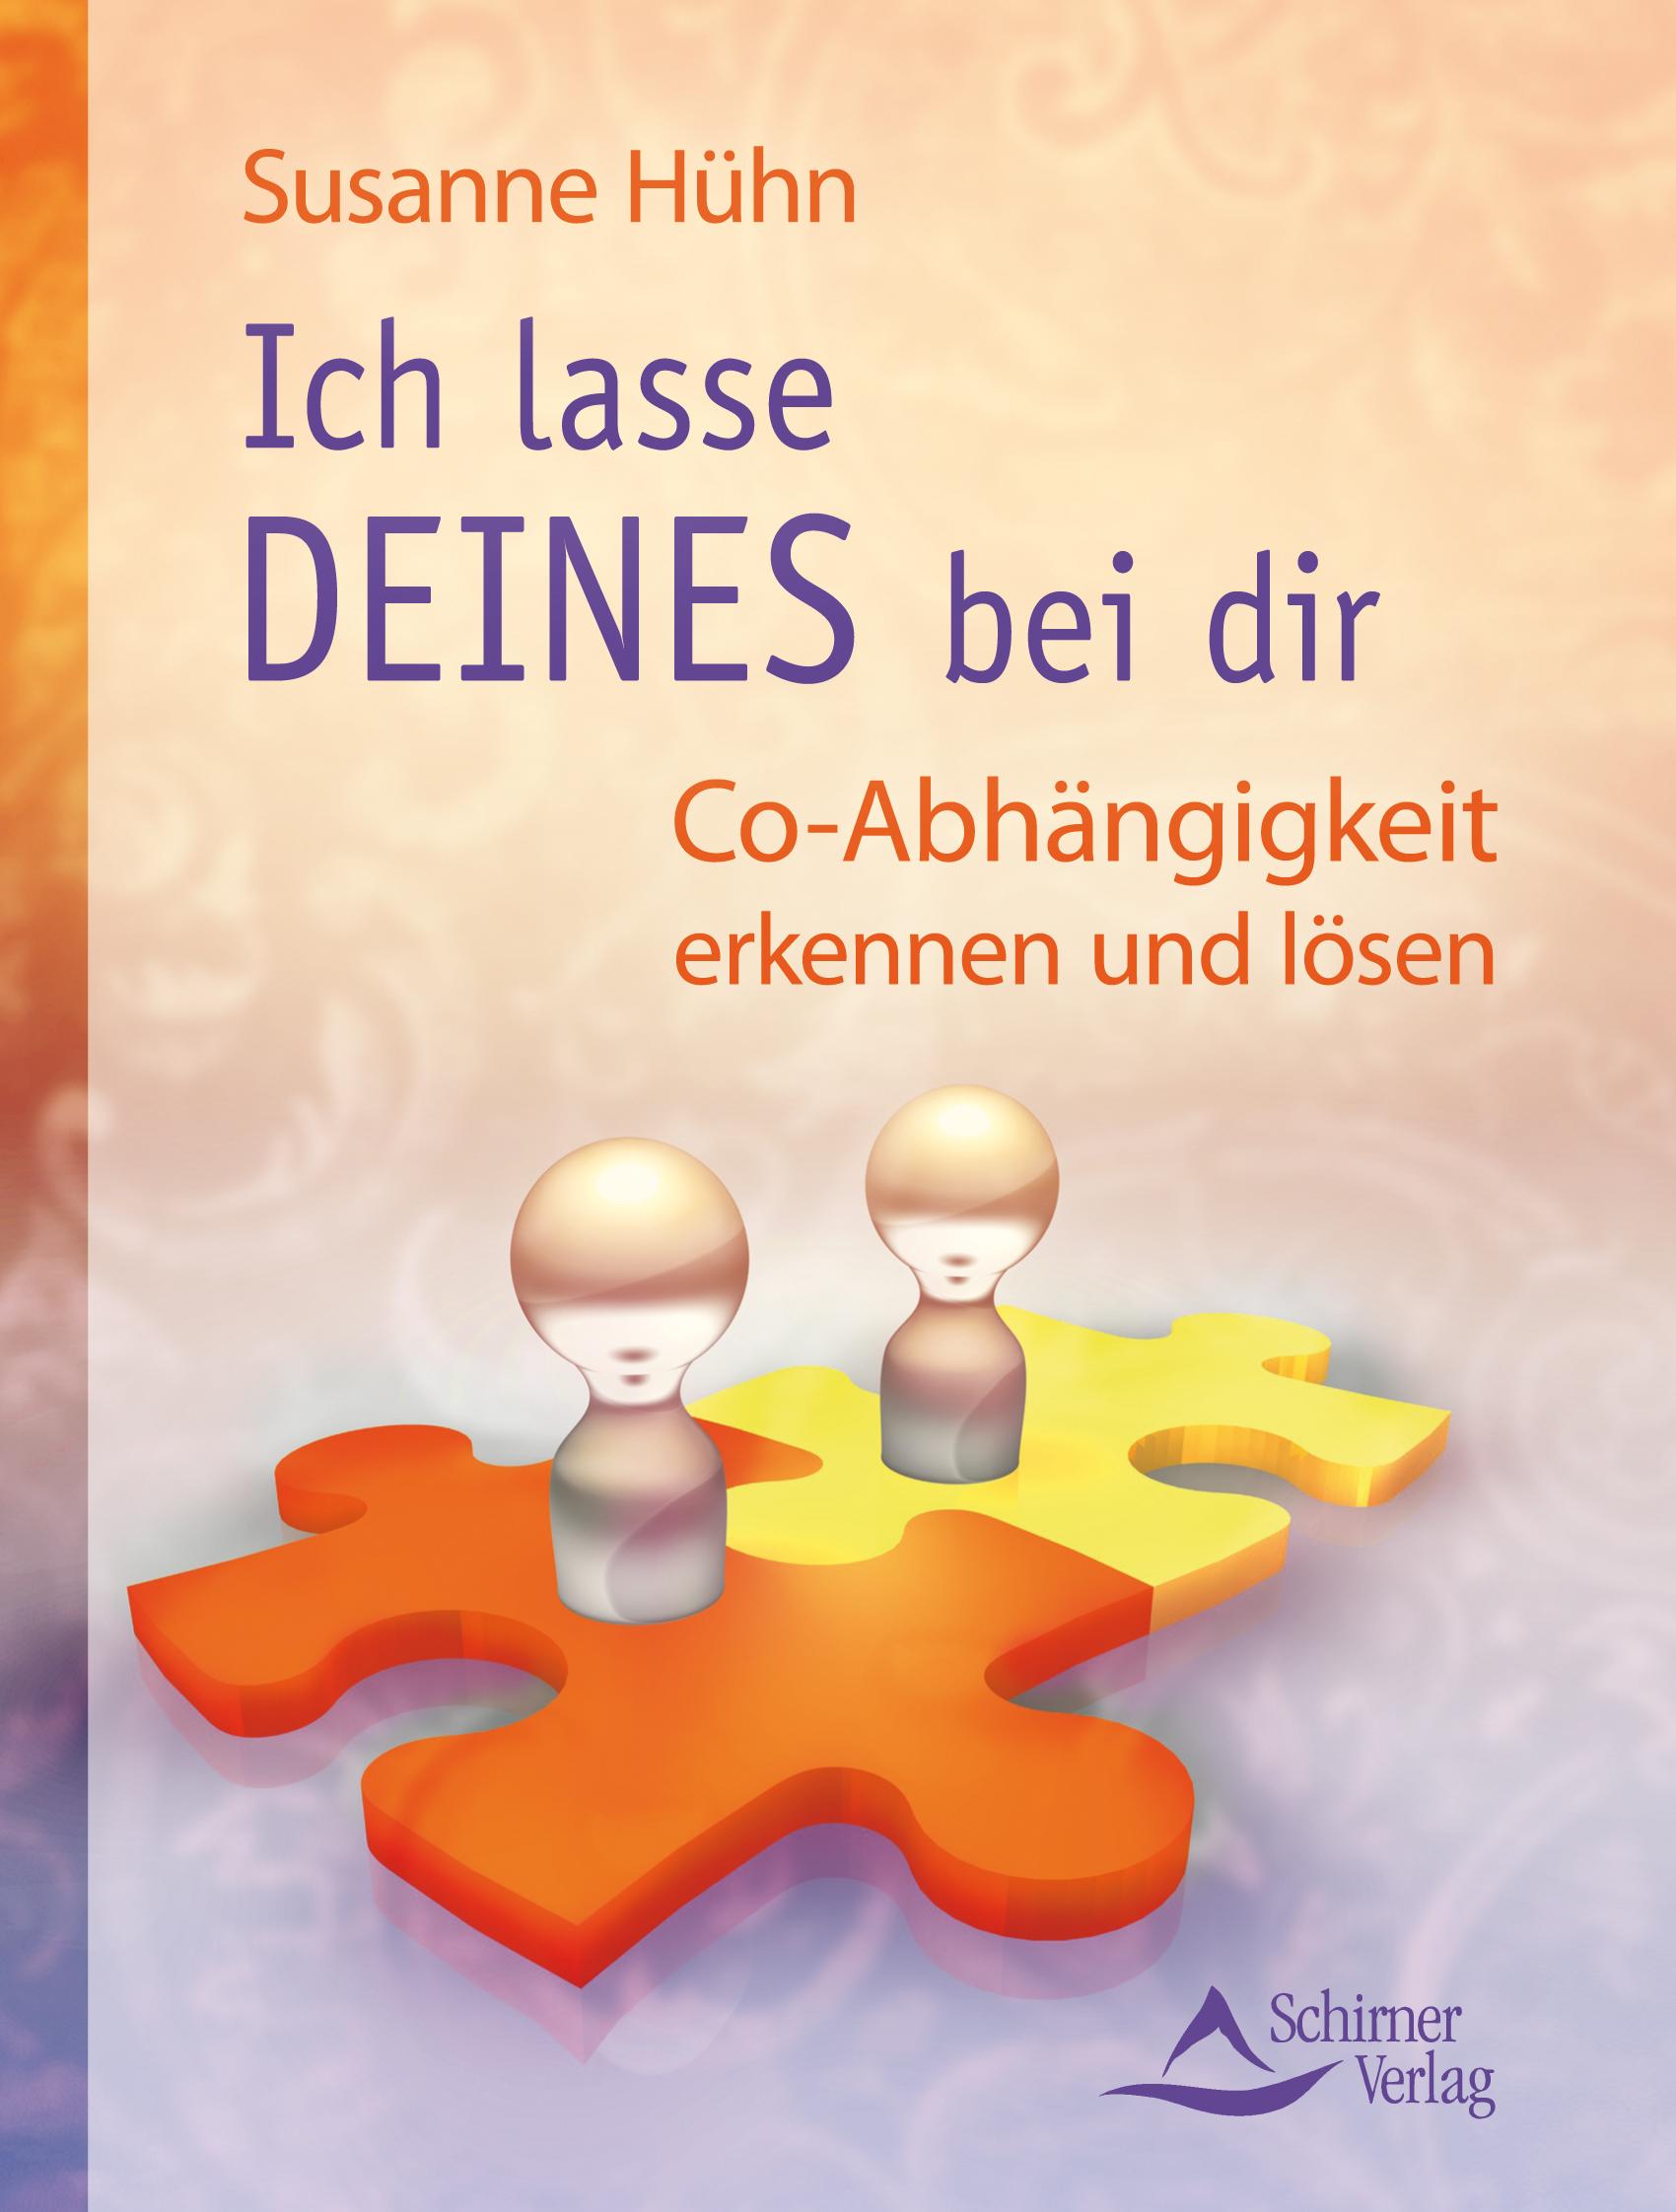 Ich lasse DEINES bei Dir - Co-Abhängigkeit erkennen und lösen - Susanne Hühn